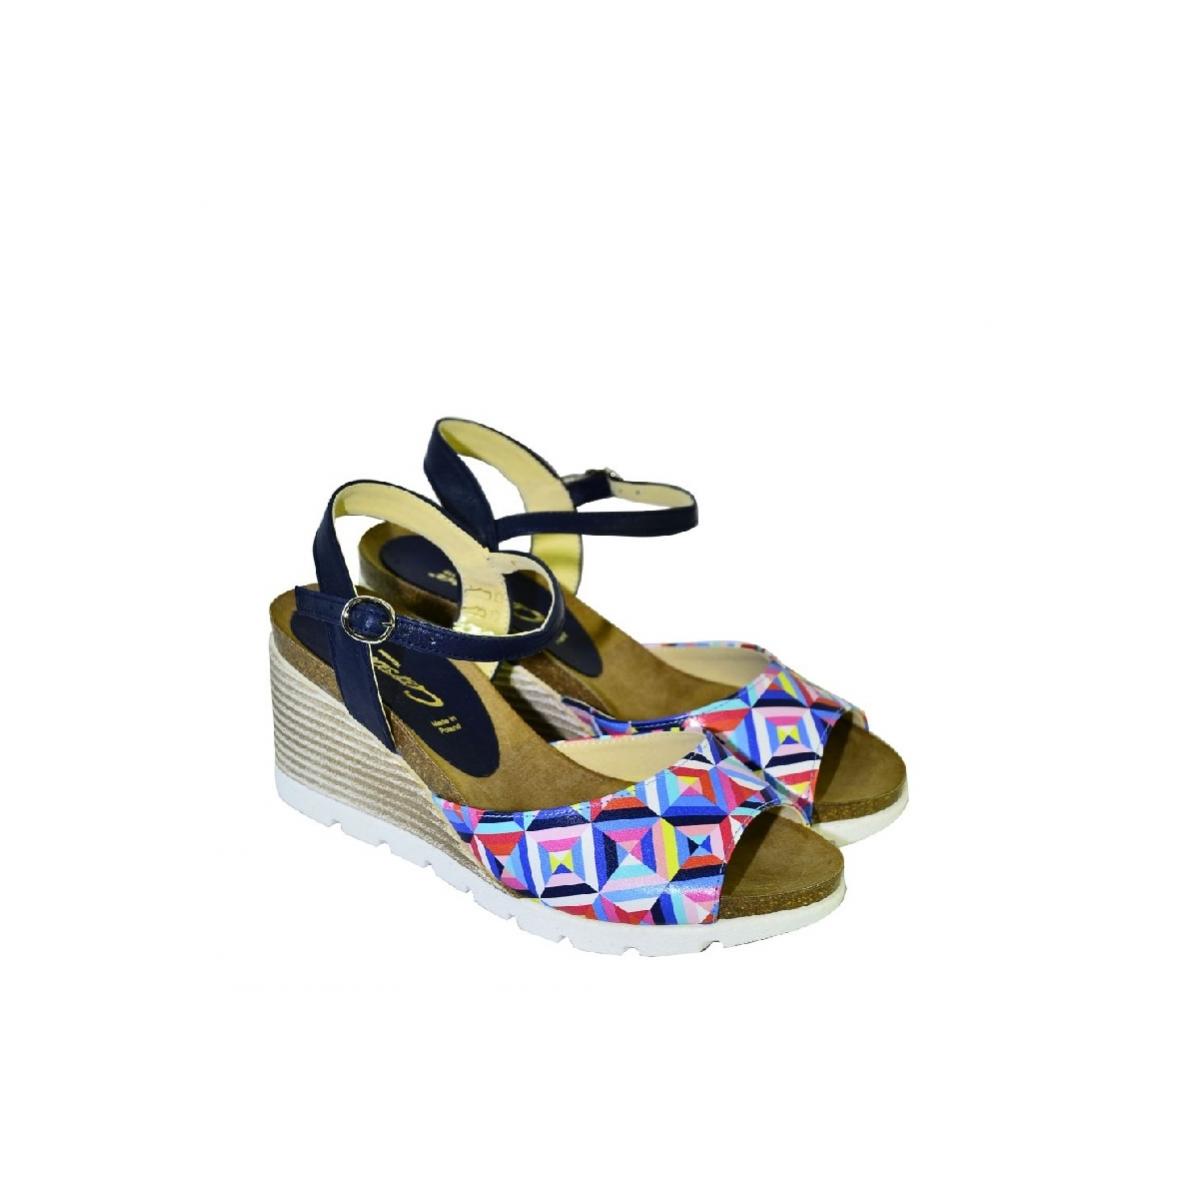 669561821cbd Farebné kožené sandále na klinovom opätku Carsona TARA - 2